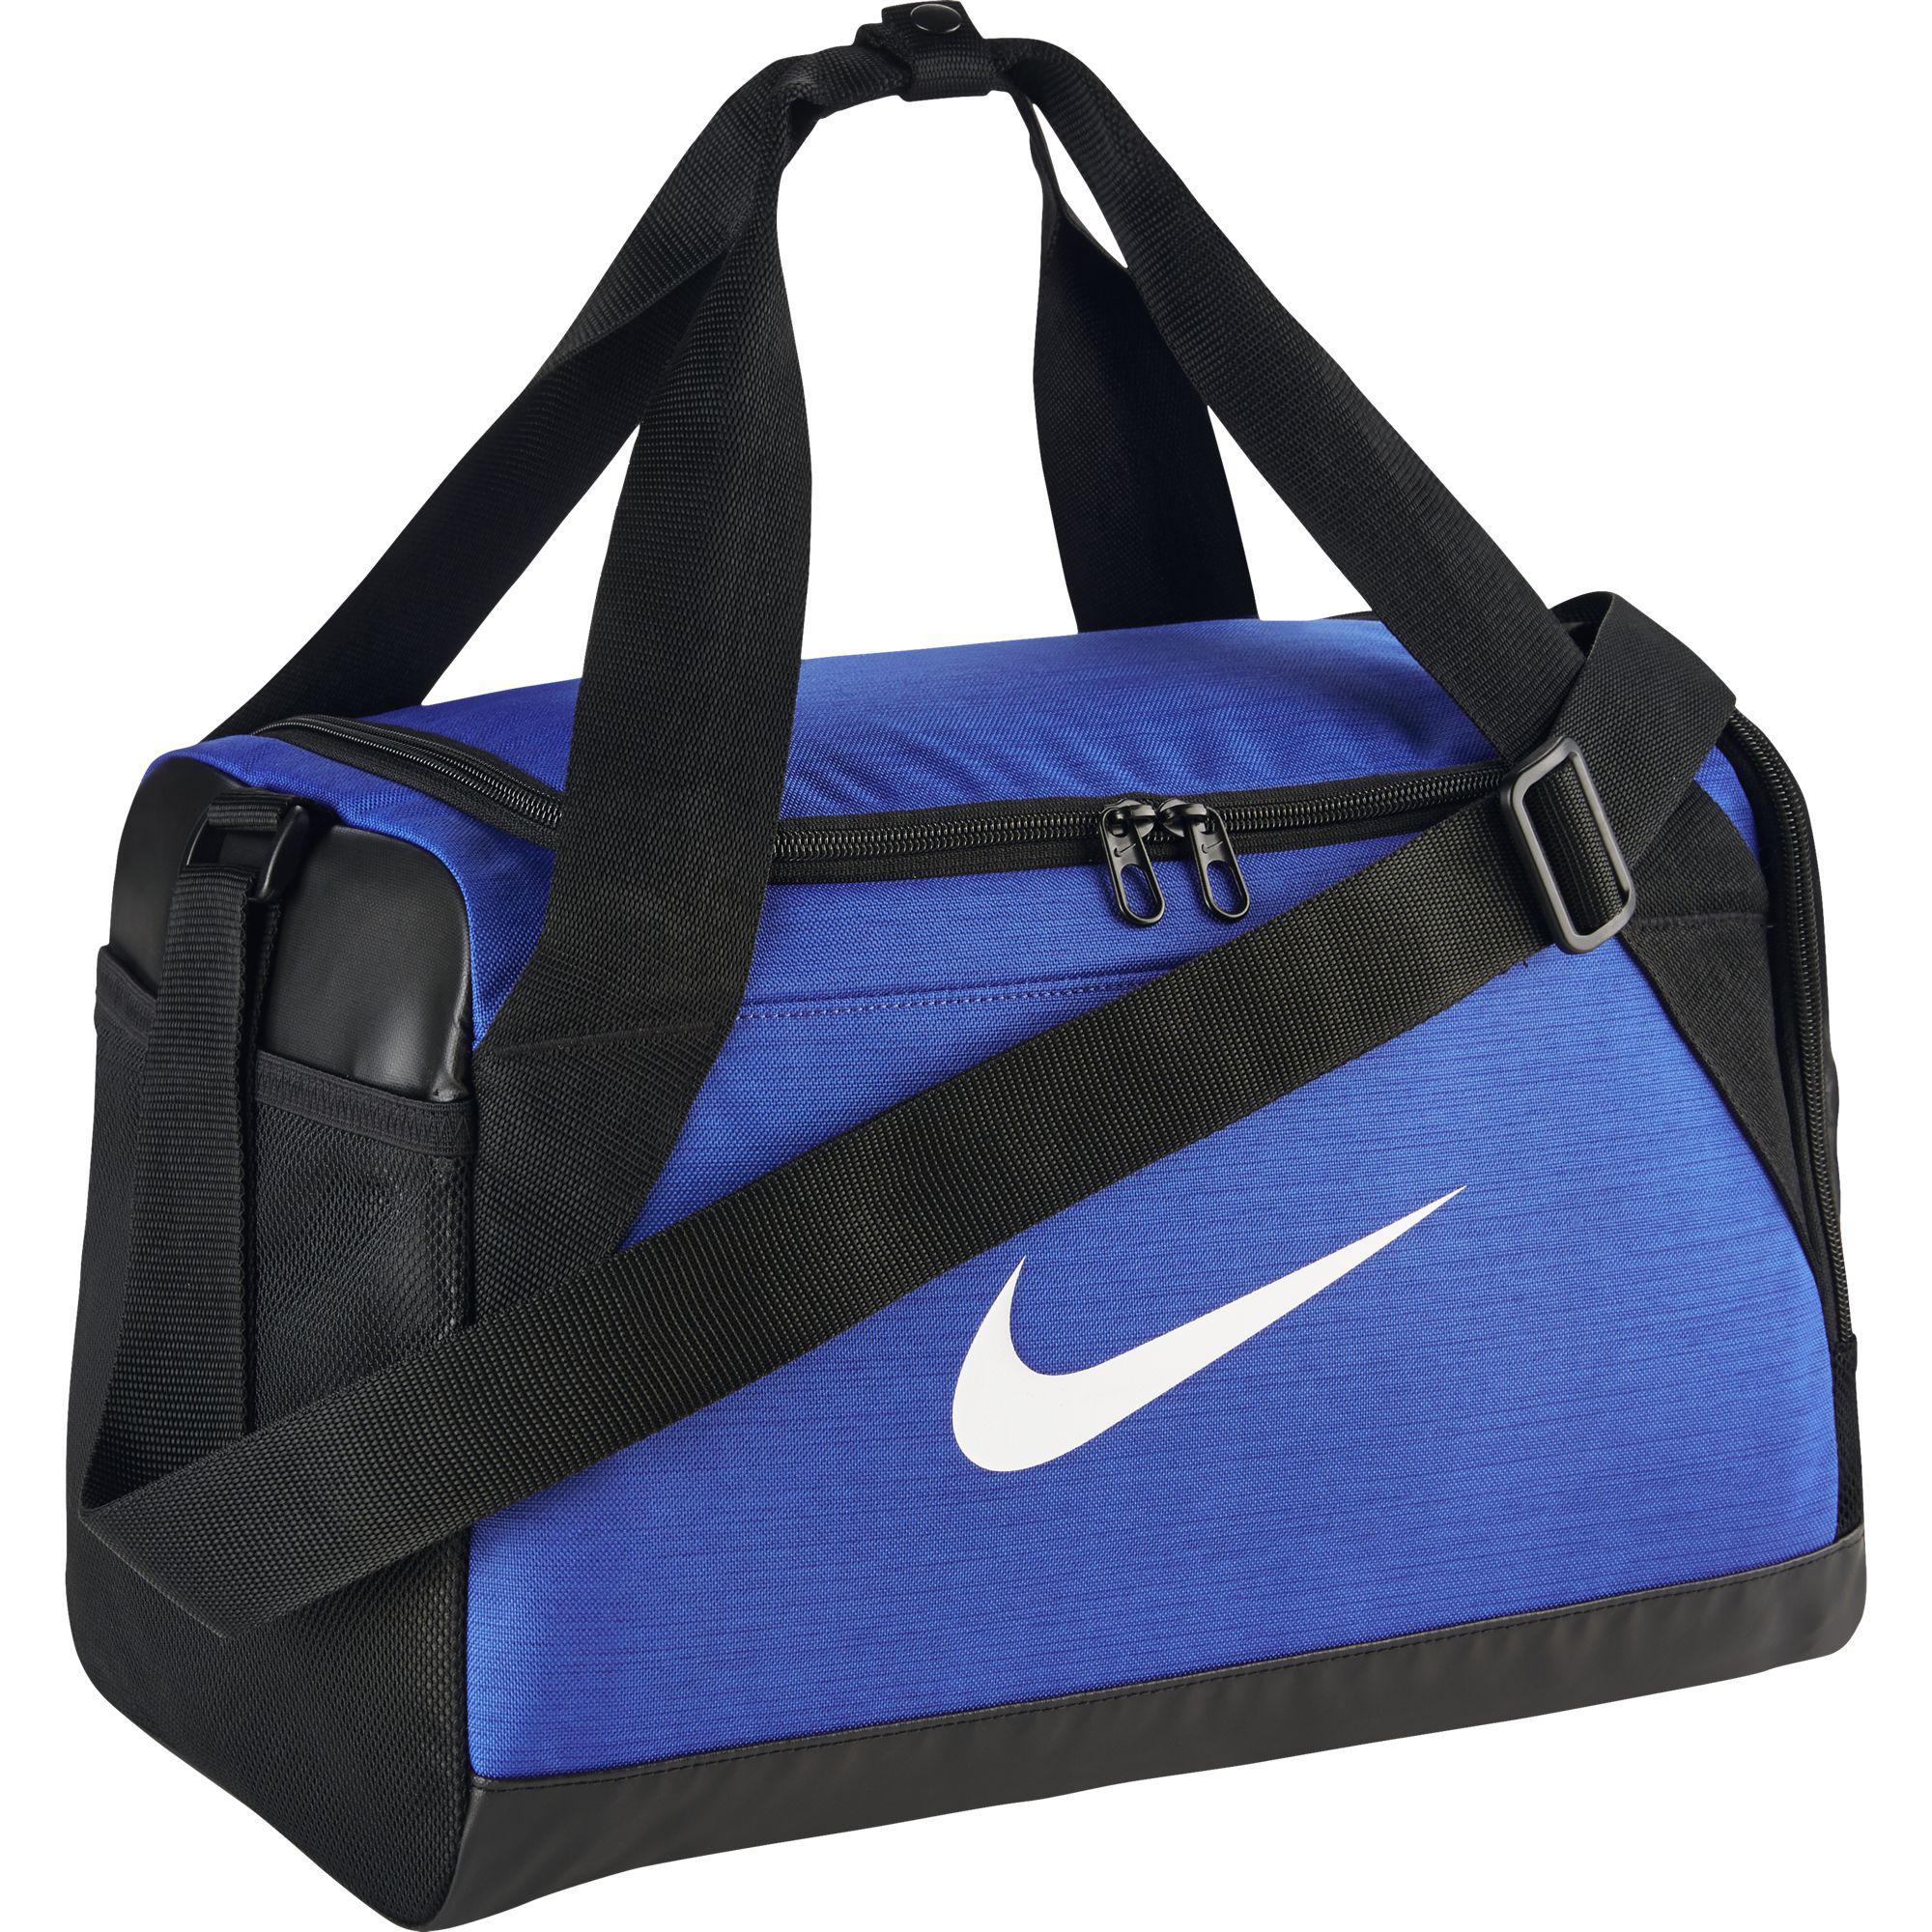 Nike Brasilia Extra Small Training Duffel Bag - Game Royal Black White -  Tennisnuts.com ce15370113838